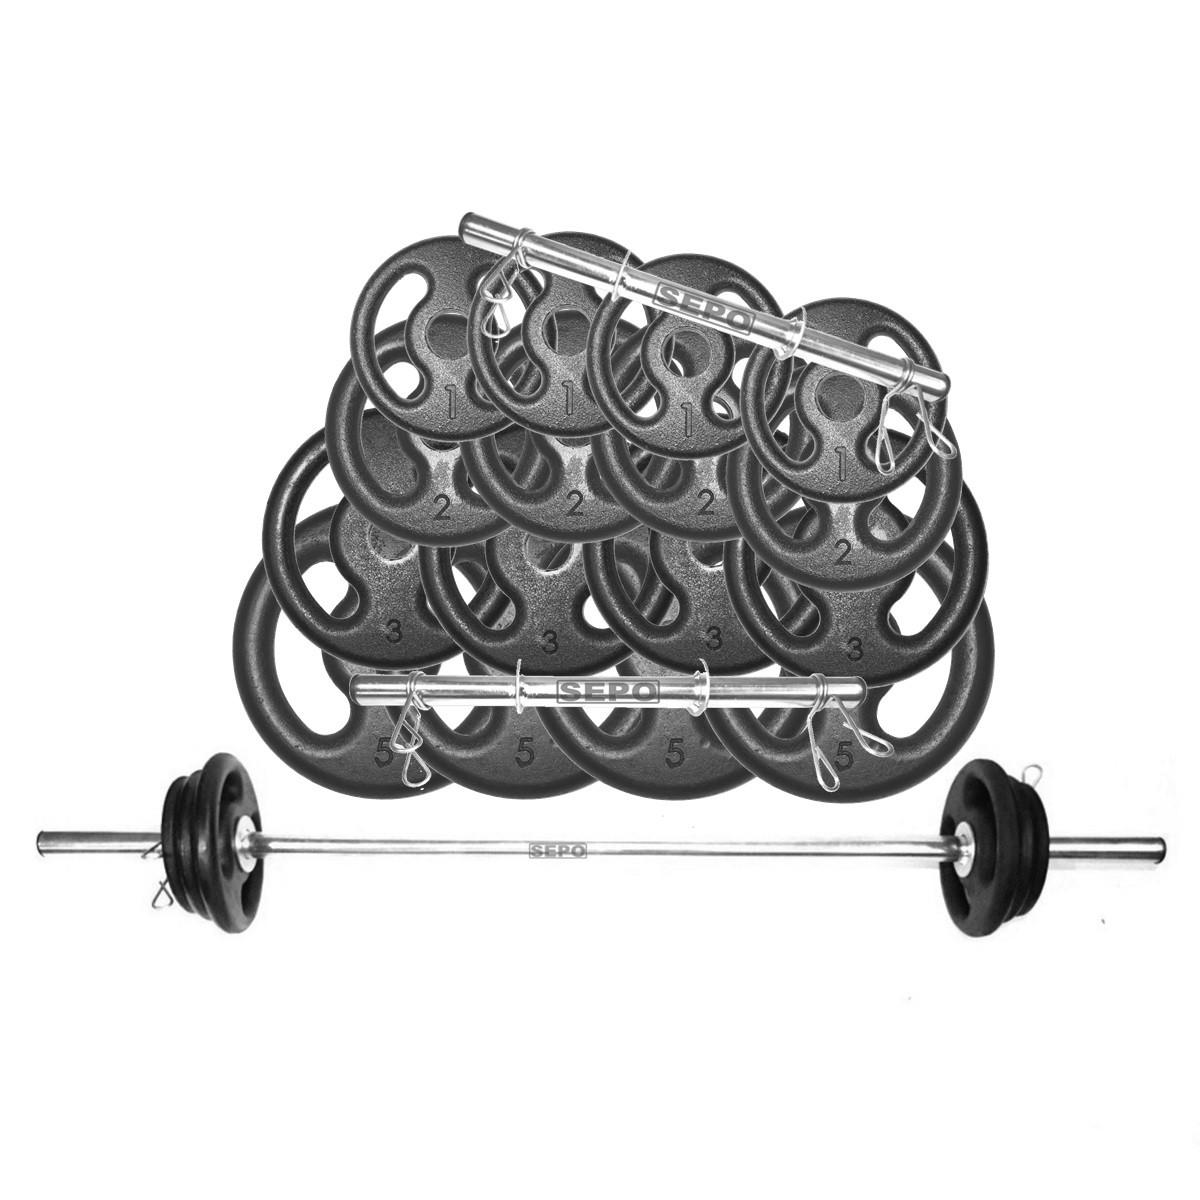 Kit Anilhas e Barras Musculação com Presilhas 44 Kg - Loja Portal